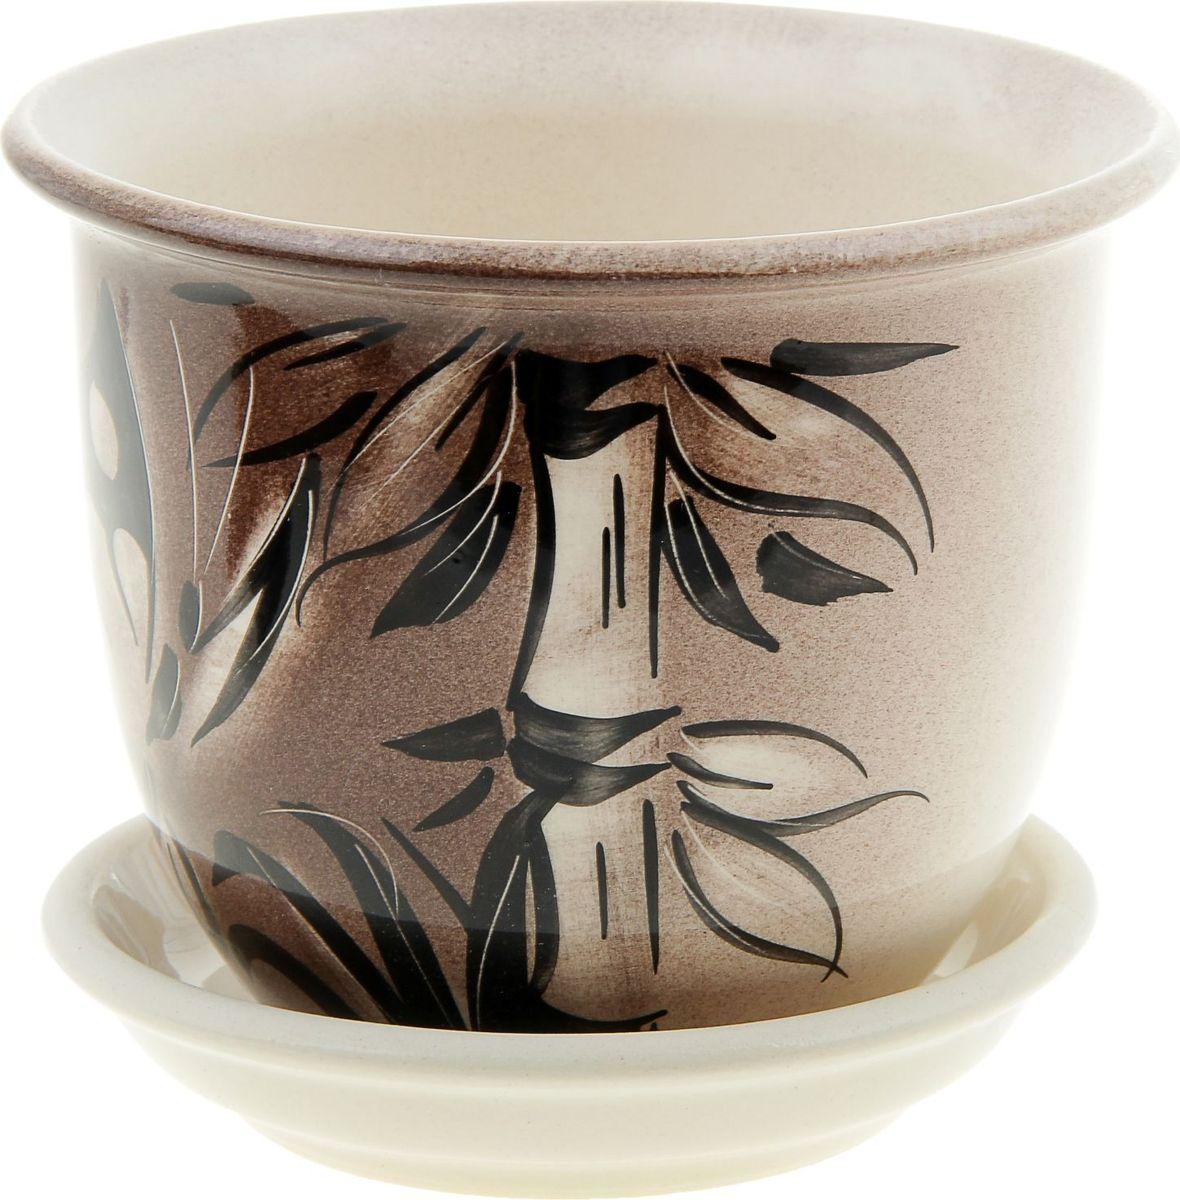 Кашпо Керамика ручной работы Классик. Мотылек, 0,5 л835604Комнатные растения — всеобщие любимцы. Они радуют глаз, насыщают помещение кислородом и украшают пространство. Каждому из них необходим свой удобный и красивый дом. Кашпо из керамики прекрасно подходят для высадки растений: за счёт пластичности глины и разных способов обработки существует великое множество форм и дизайновпористый материал позволяет испаряться лишней влагевоздух, необходимый для дыхания корней, проникает сквозь керамические стенки! #name# позаботится о зелёном питомце, освежит интерьер и подчеркнёт его стиль.